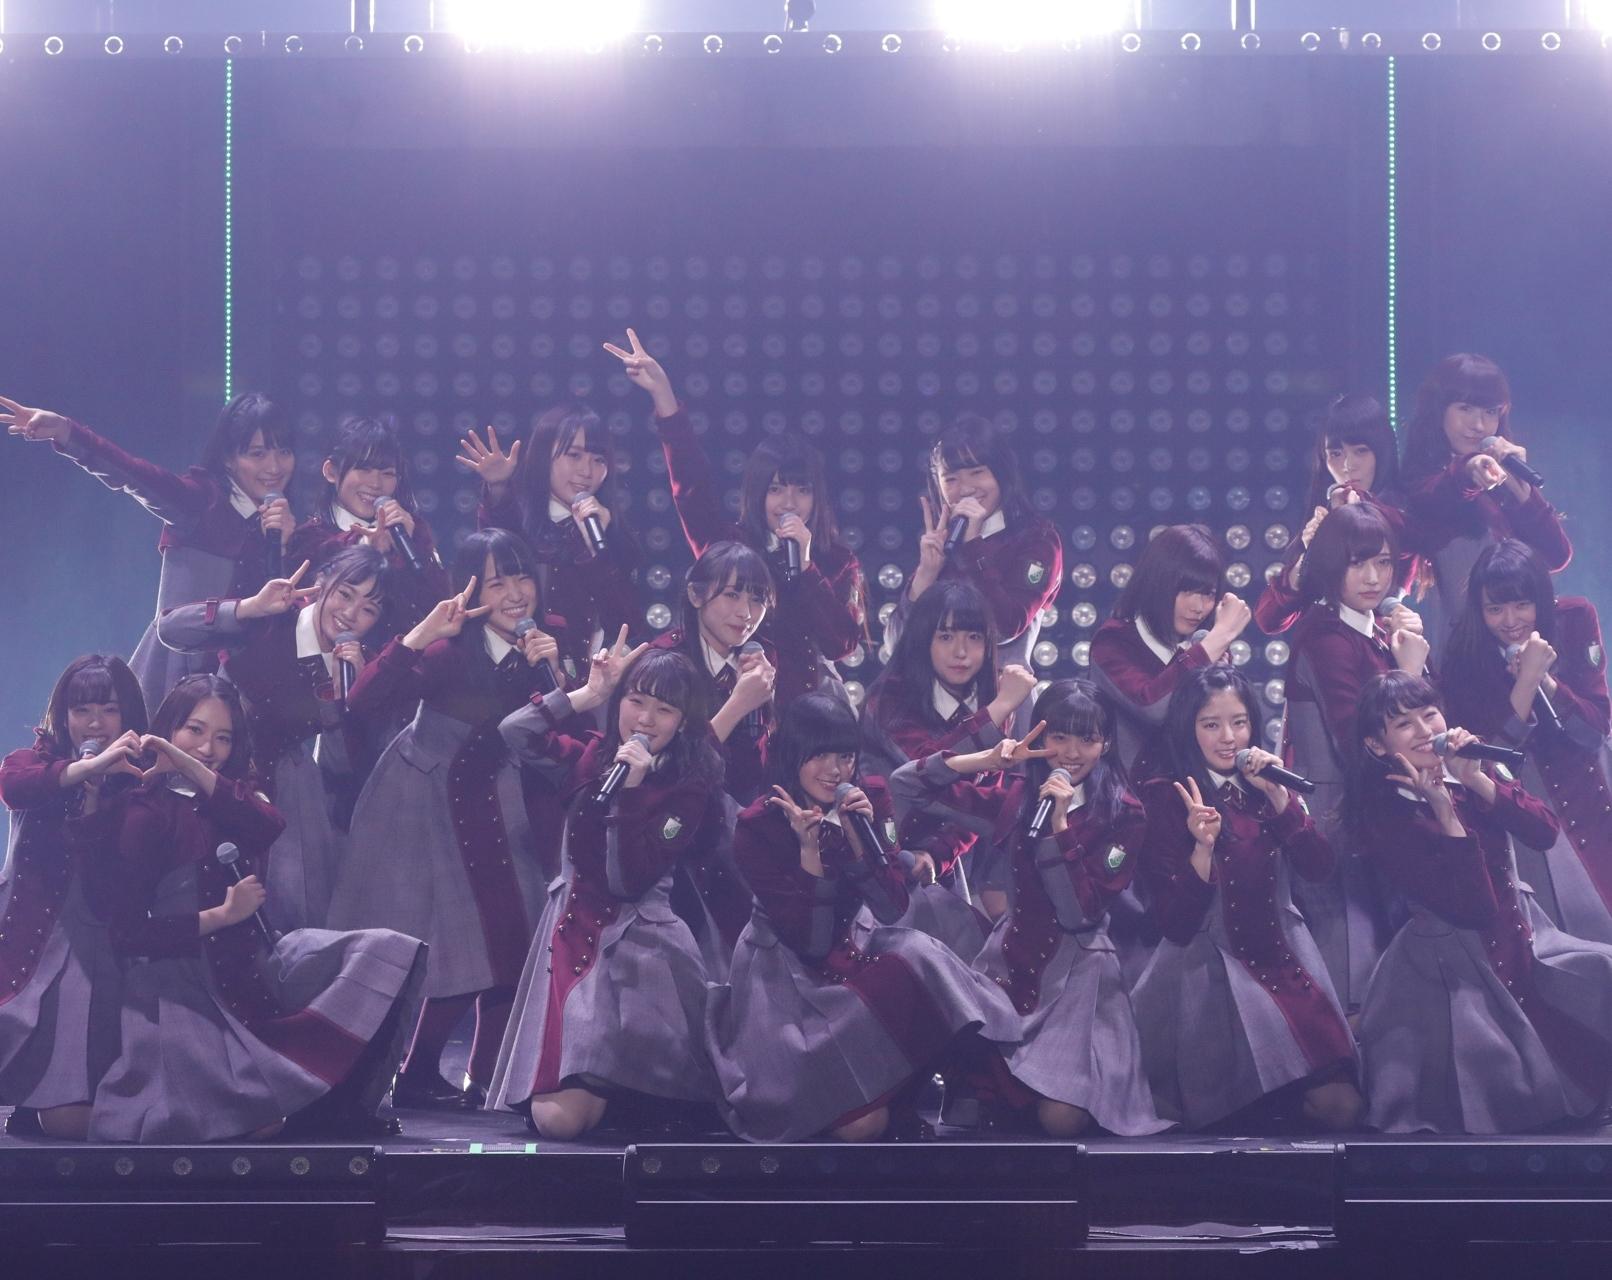 欅坂46。デビューから8ヵ月で<br />たどり着いた初ワンマンをレポート!!